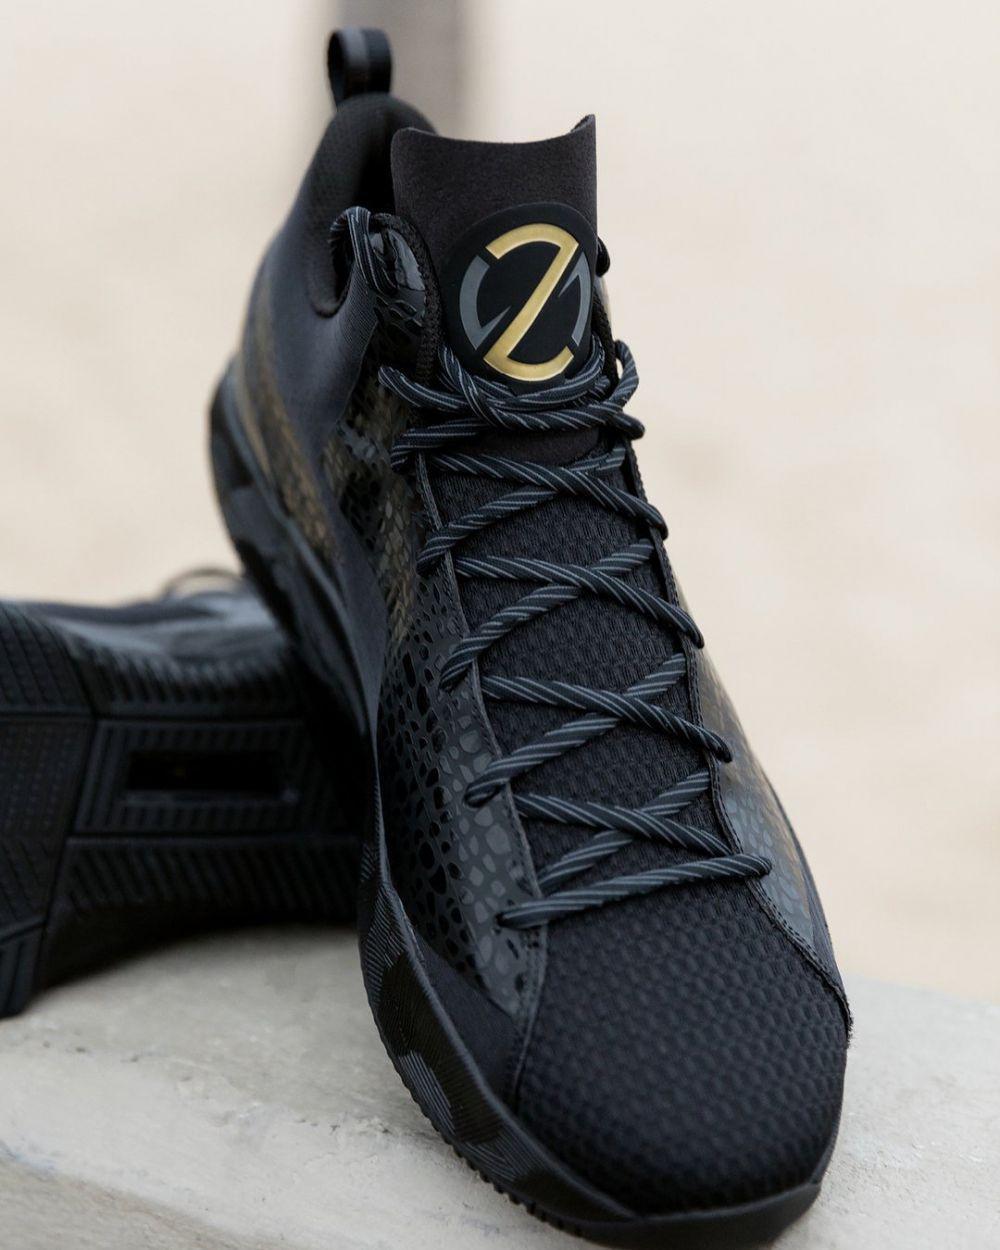 bbb为球哥发布了新版球鞋zo2 prime